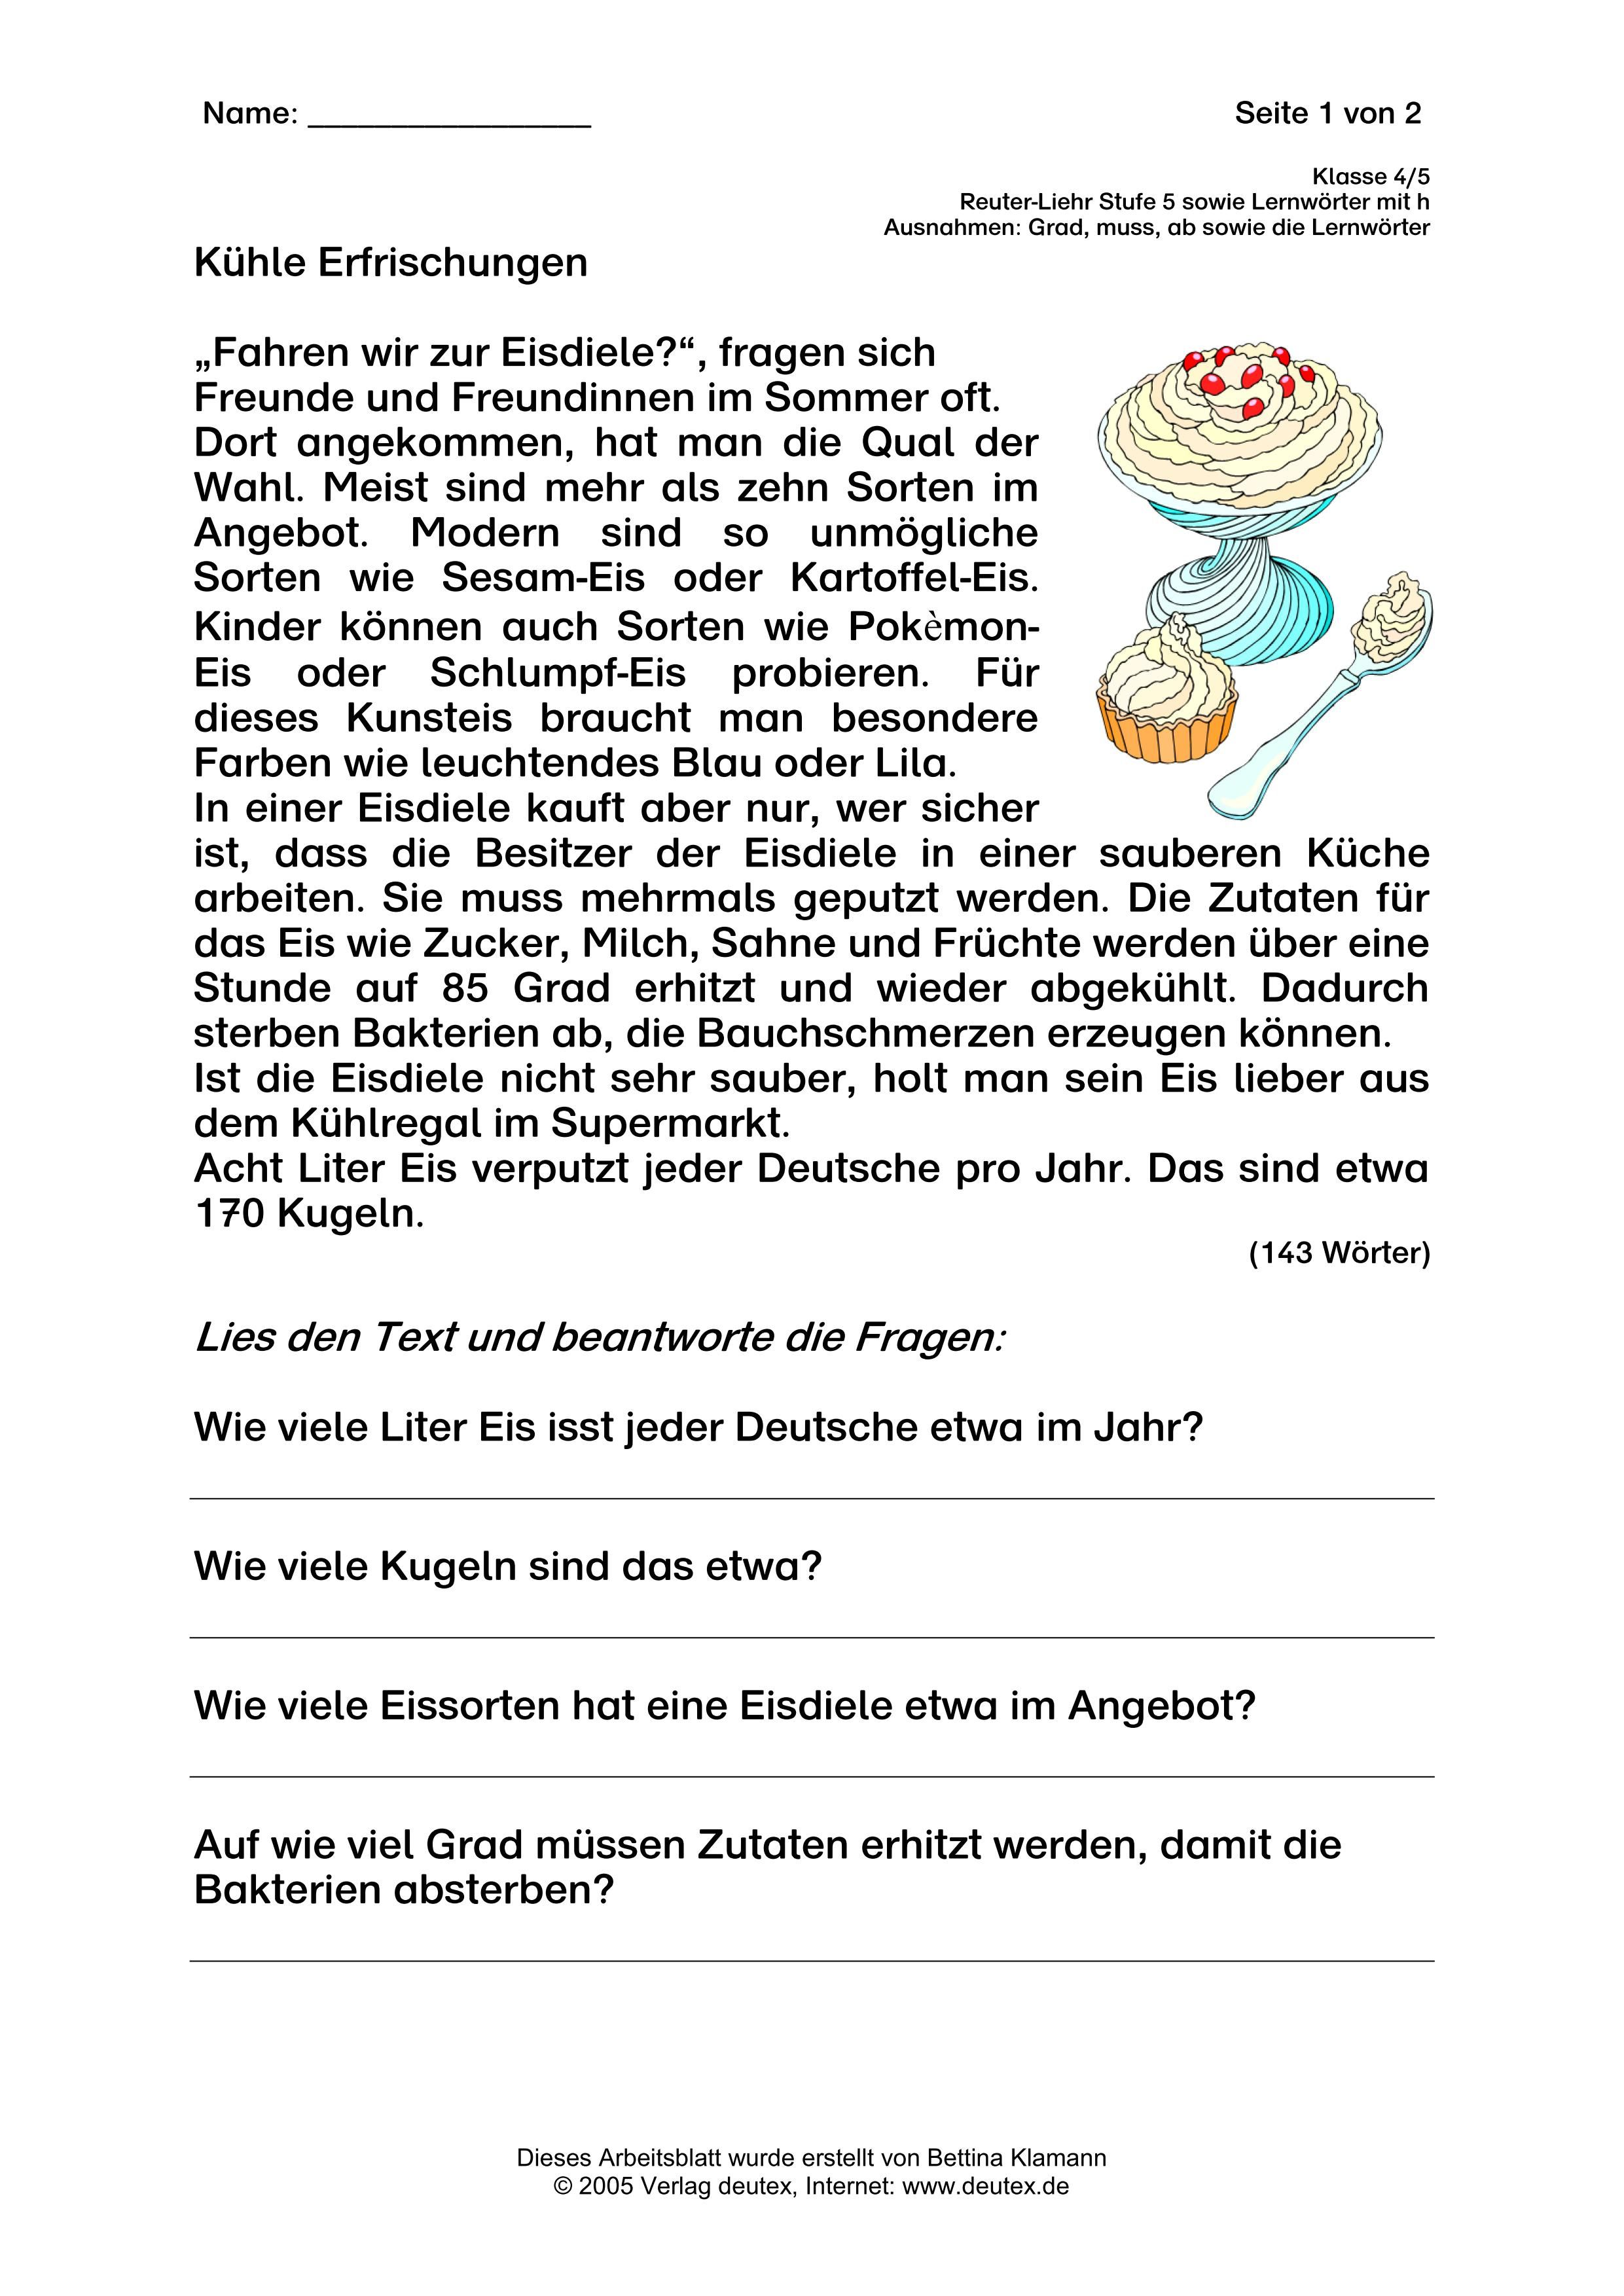 Thema (Speise-) Eis, Klasse 4/5 (Ruter-Liehr Stufe 5) – Deutsch ...